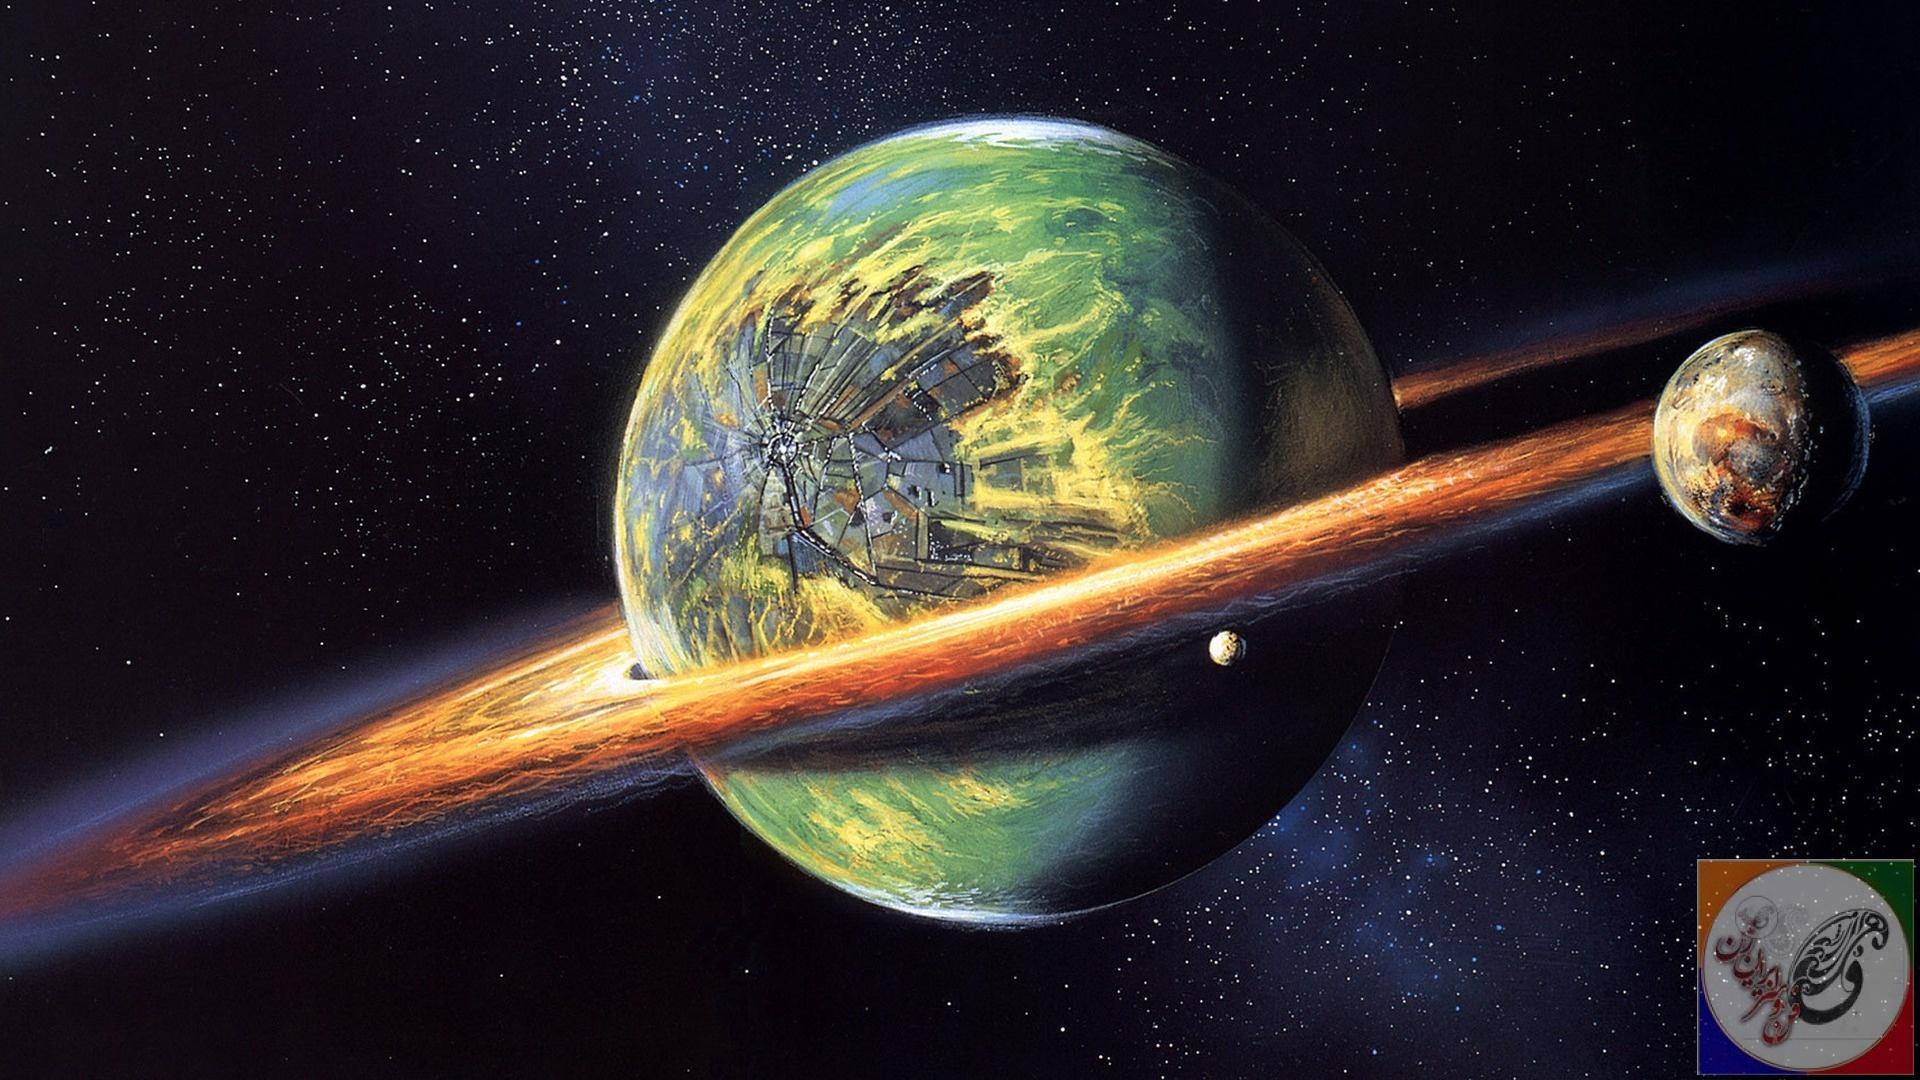 عکس سیاره ای شبیه به مشتری